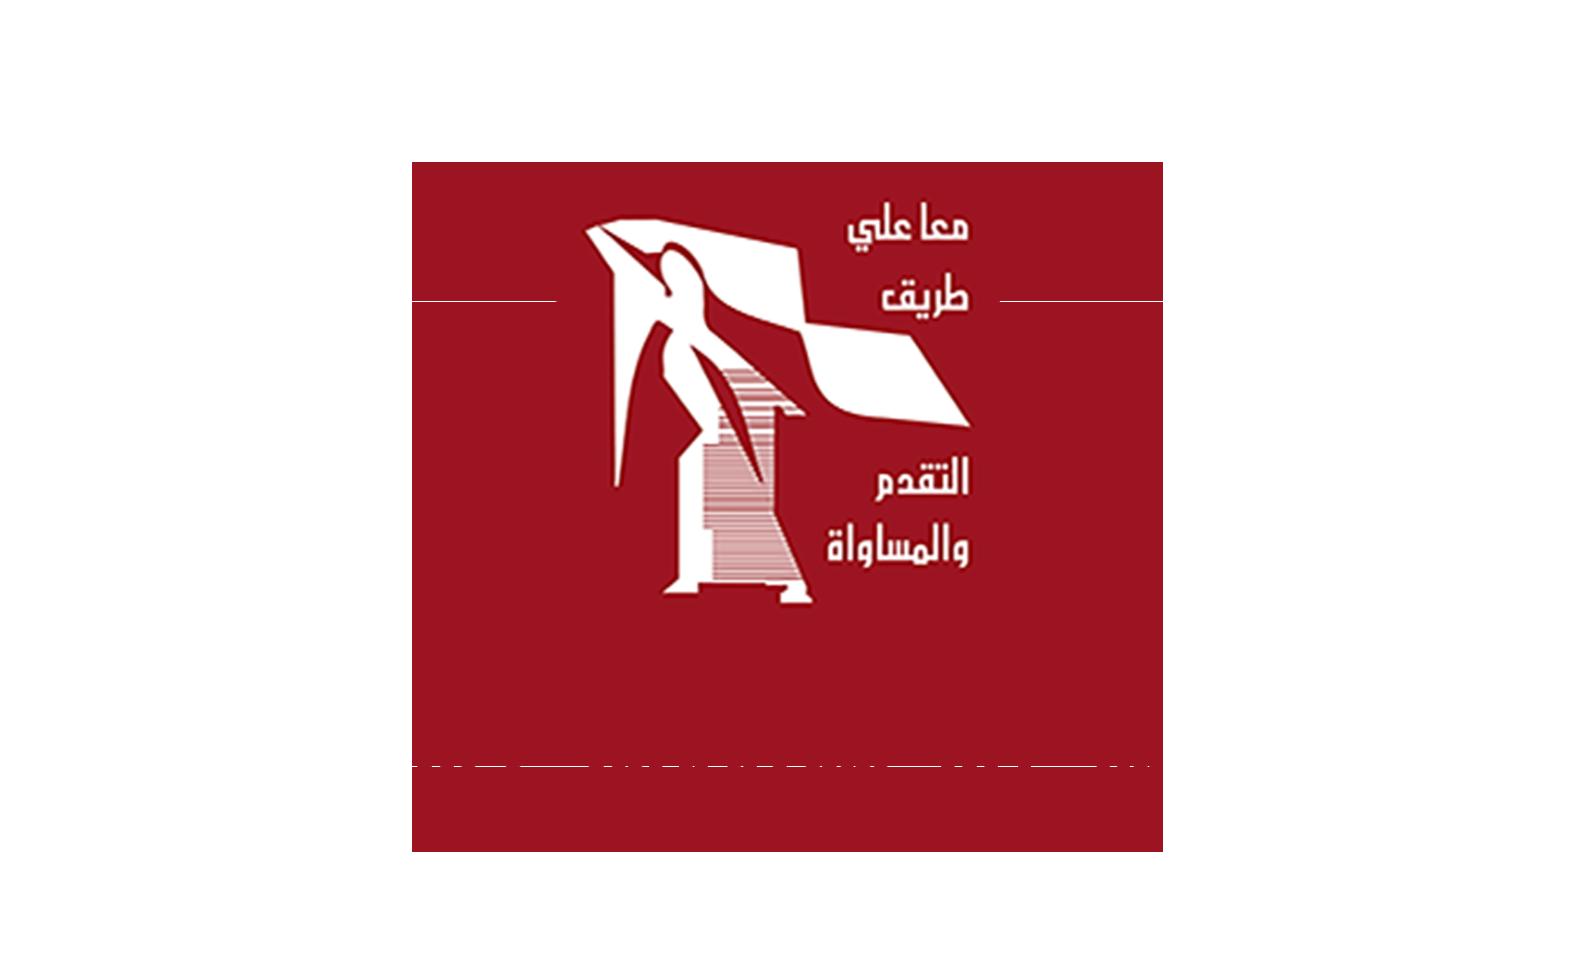 استجابة مركز شؤون المرأة الطارئة لجائحة كورونا 2020.